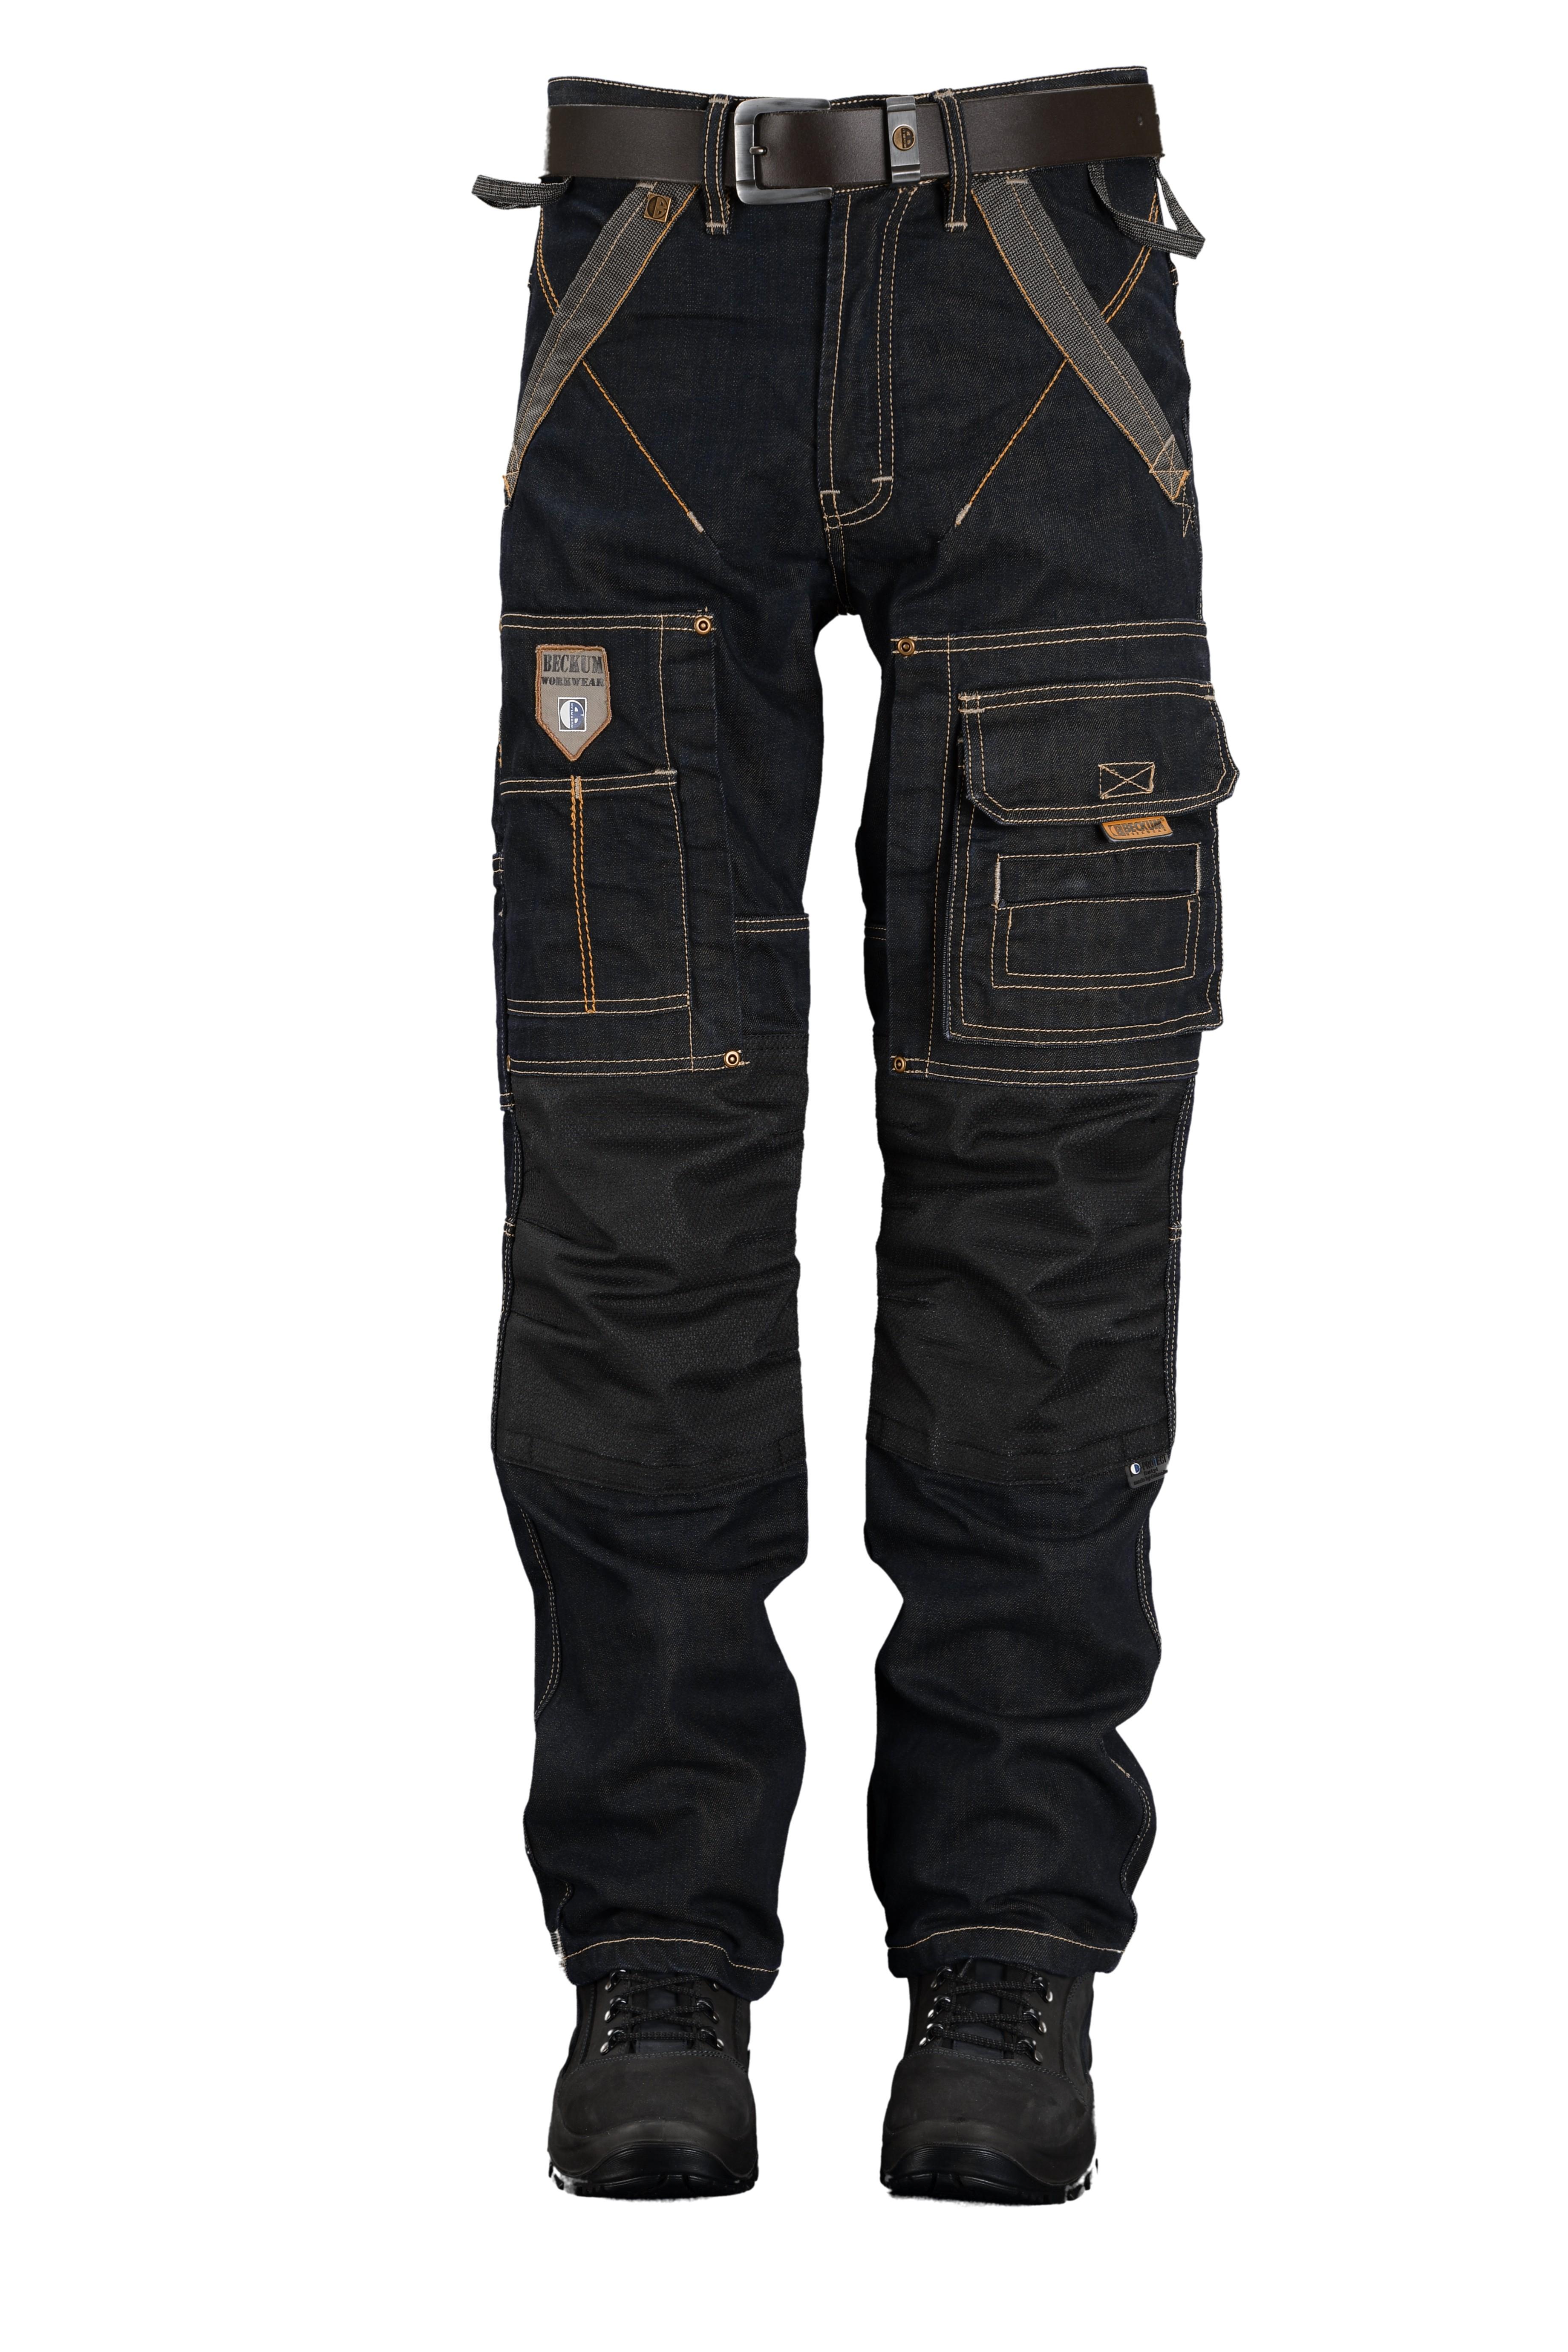 Beckum Workwear EBT14 - Voorkant groot